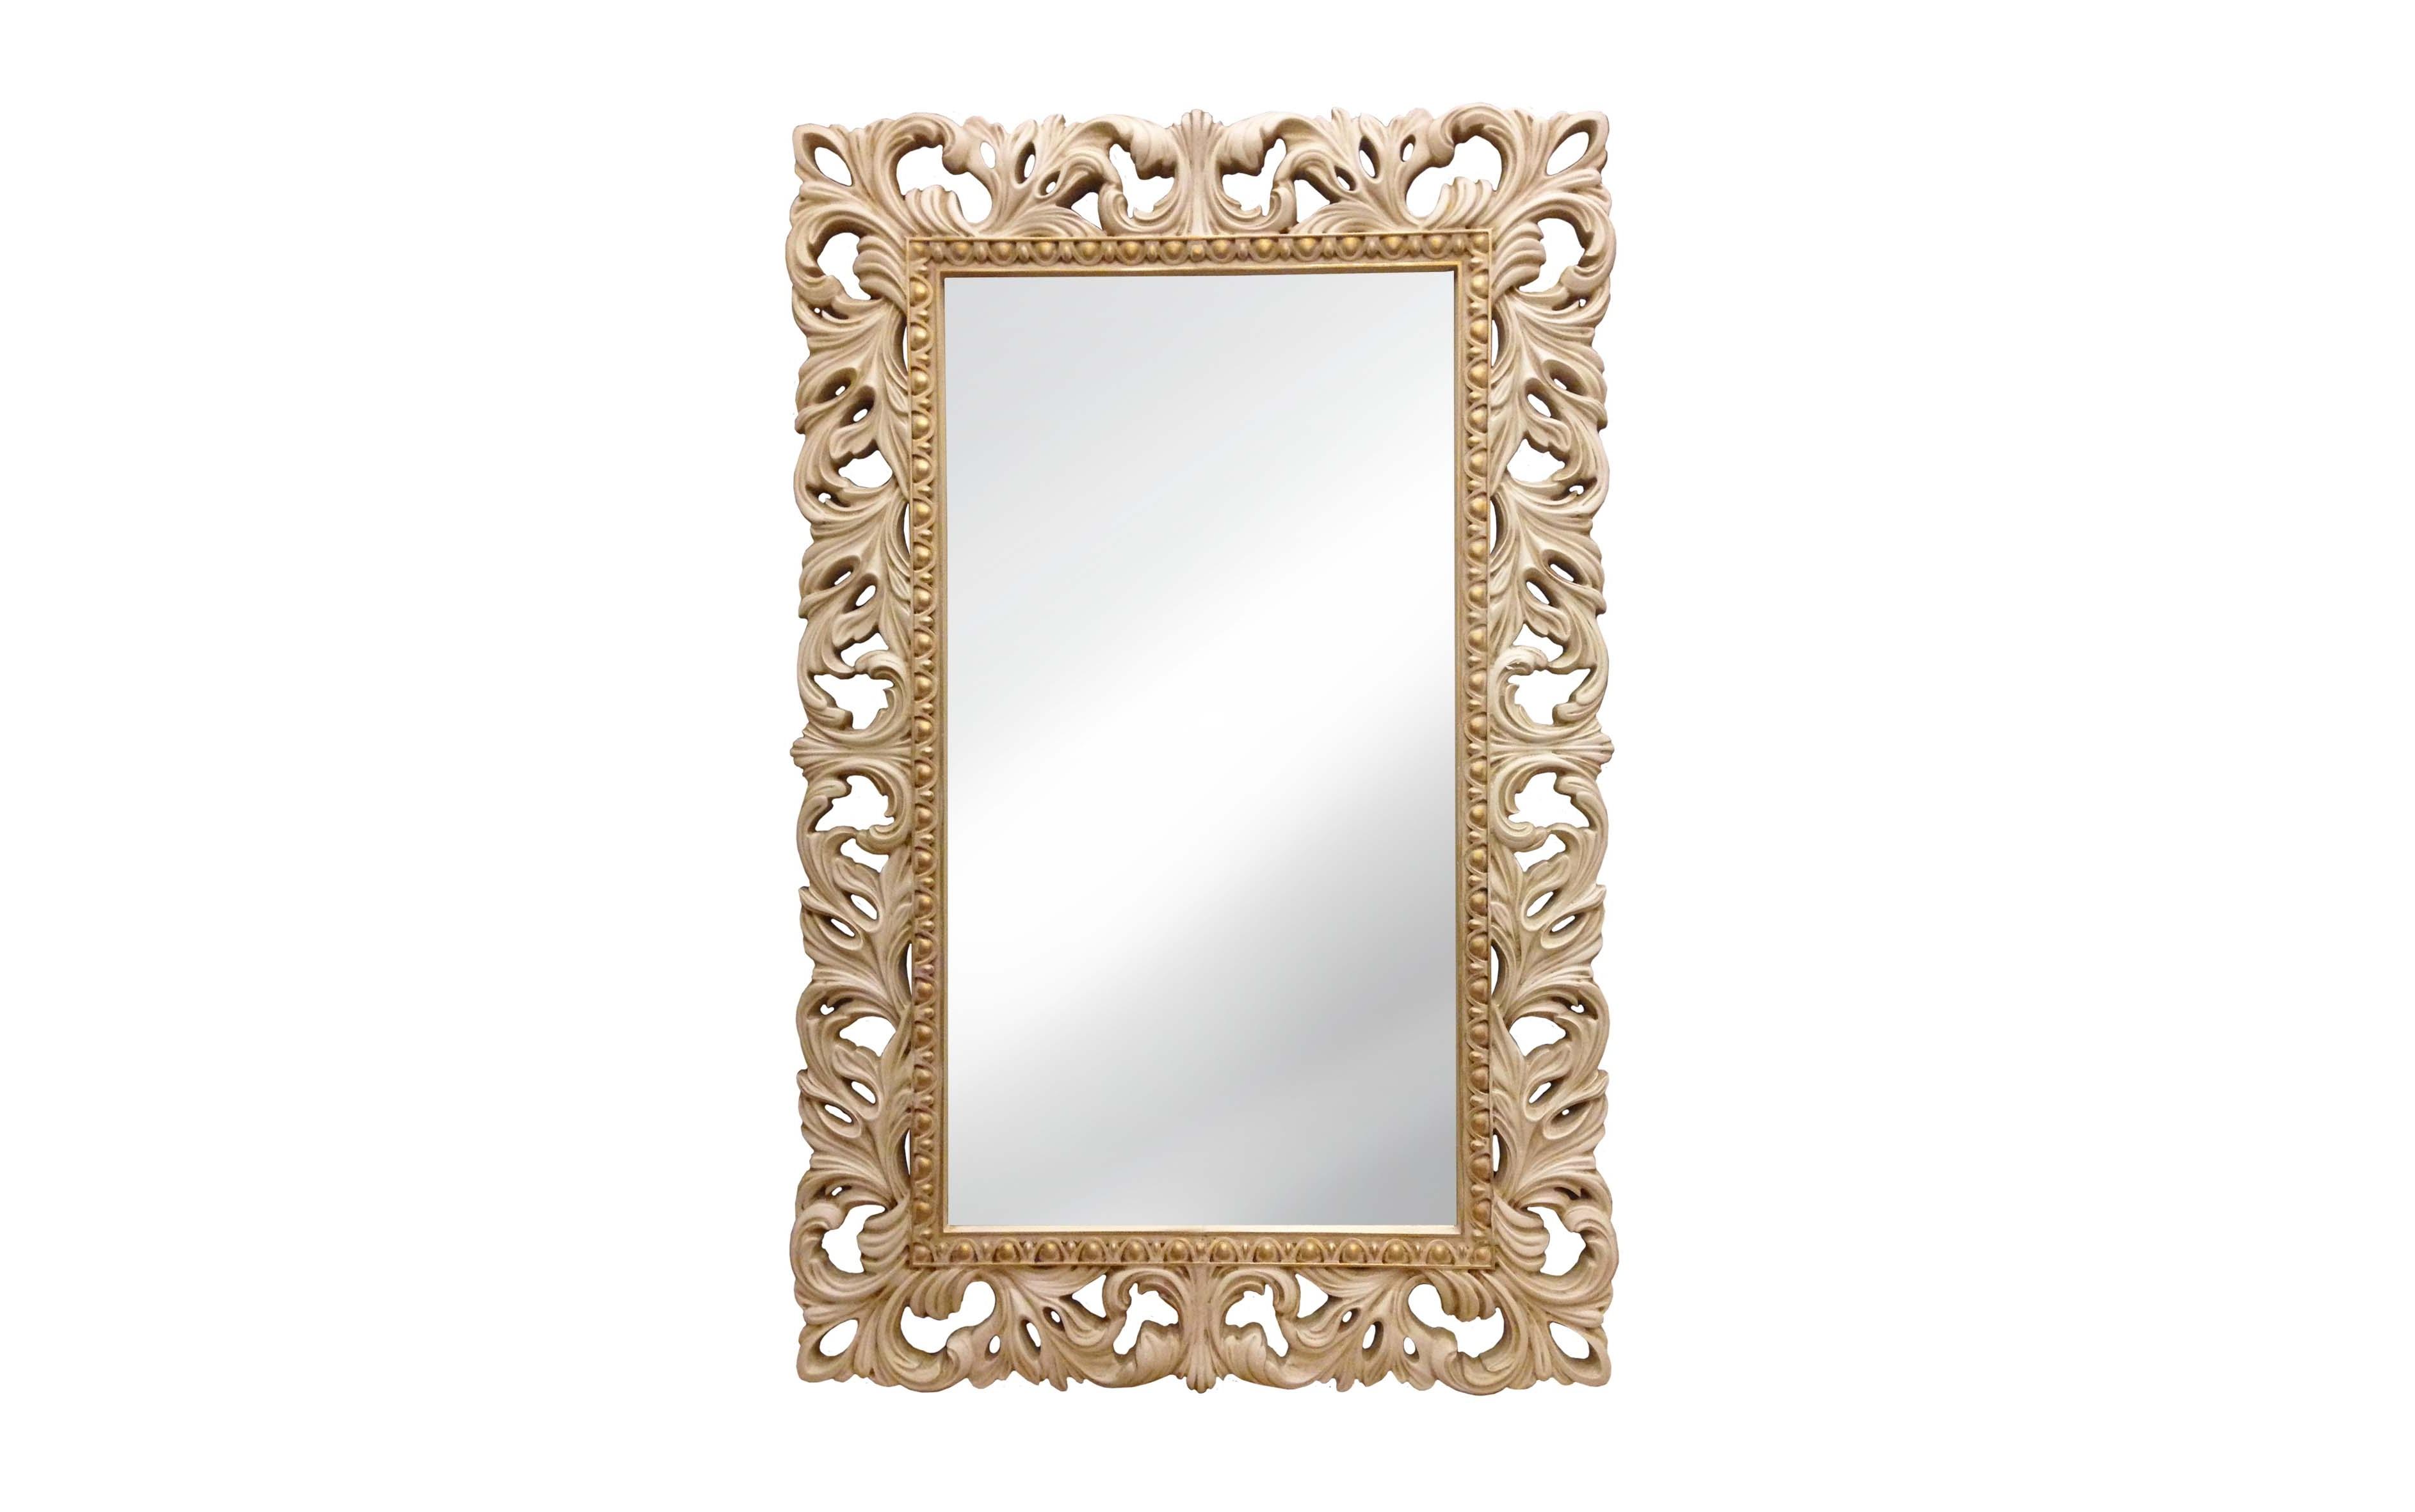 Винтажное итальянское зеркалоНастенные зеркала<br>&amp;lt;div&amp;gt;Необыкновенной красоты винтажное зеркало в итальянском стиле. Резная рама изготовлена из мебельного пенополиуретана — очень прочного и долговечного композитного материала. Качественно обработанный и окрашенный, он полностью повторяет фактуру натуральной древесины, но не боится влаги, поэтому зеркалом можно пользоваться в ванной комнате.&amp;amp;nbsp;&amp;lt;/div&amp;gt;&amp;lt;div&amp;gt;&amp;lt;br&amp;gt;&amp;lt;/div&amp;gt;&amp;lt;div&amp;gt;&amp;lt;div&amp;gt;Срок производства: до 10 рабочих дней&amp;lt;/div&amp;gt;&amp;lt;div&amp;gt;Варианты цвета: слоновая кость, золото, патина&amp;lt;/div&amp;gt;&amp;lt;/div&amp;gt;<br><br>Material: Полиуретан<br>Length см: None<br>Width см: 75<br>Depth см: 4<br>Height см: 115